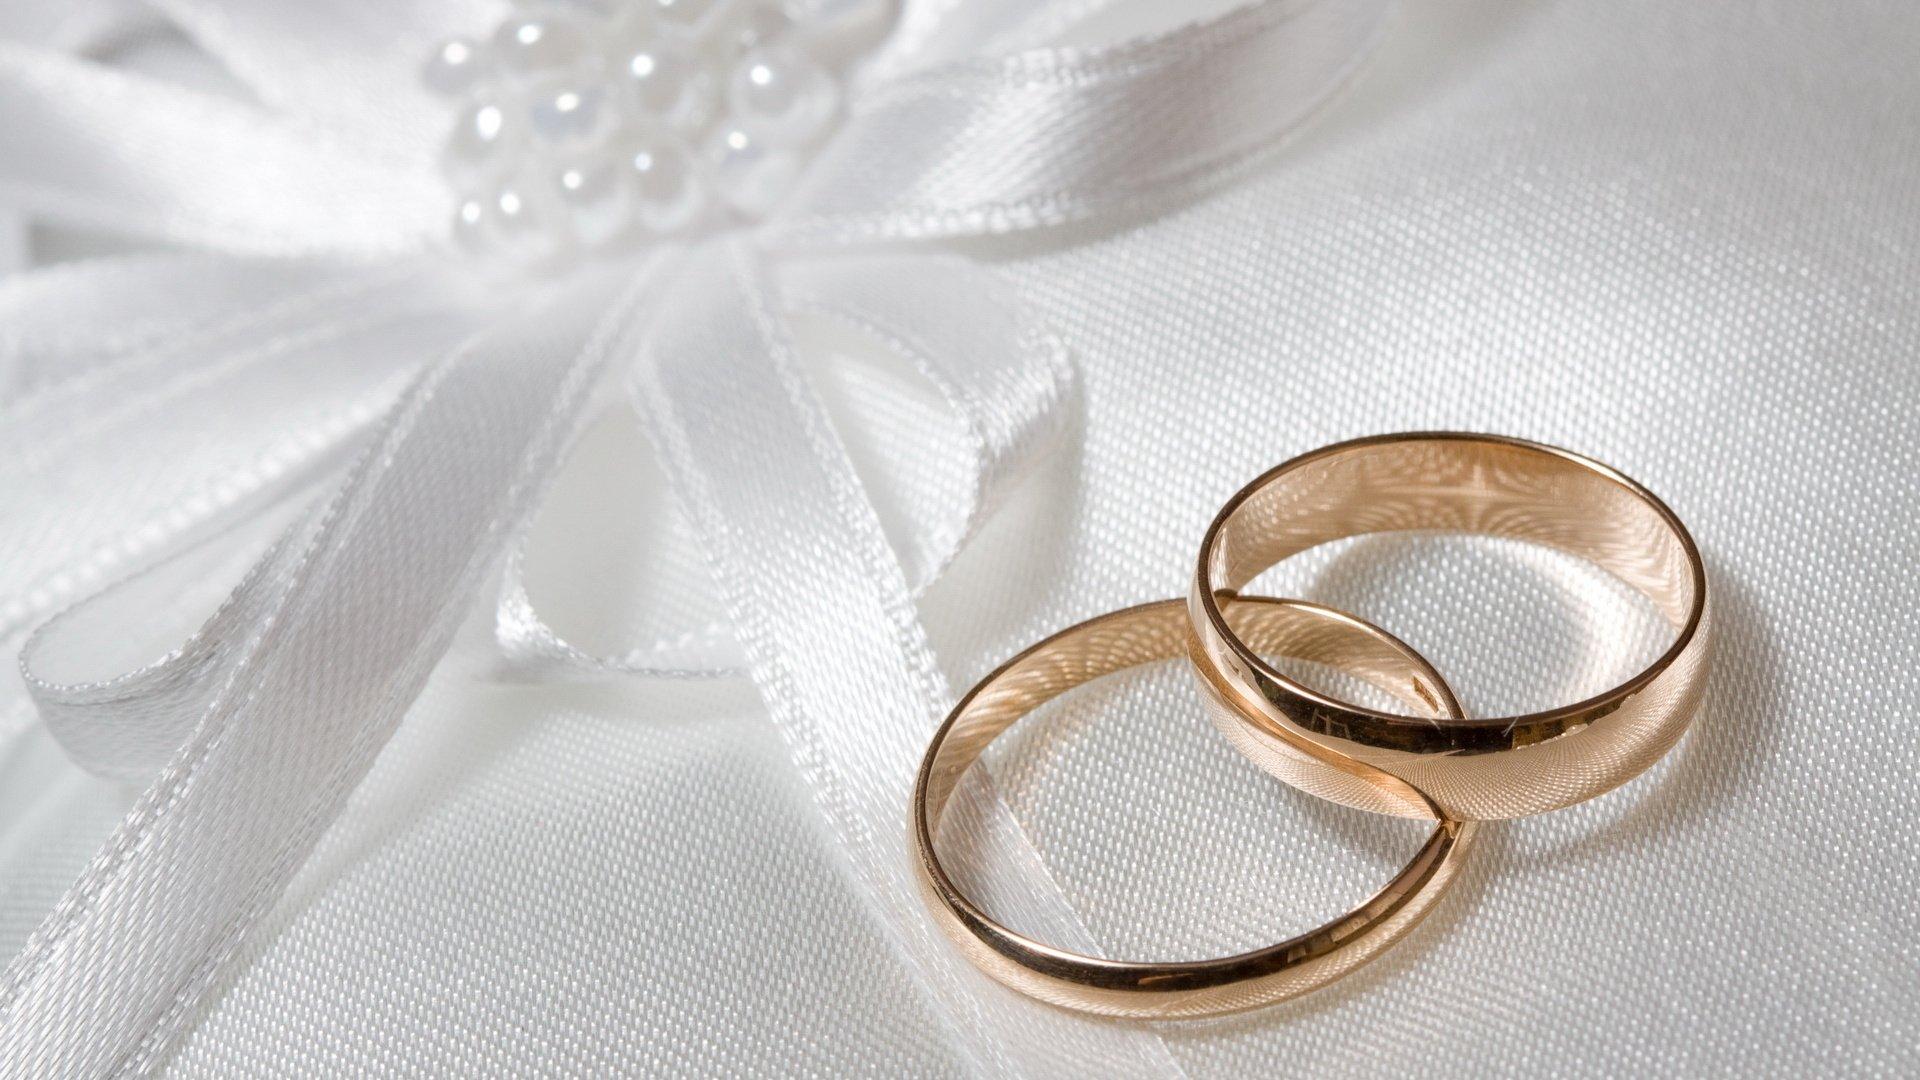 إذا كنت تفكر بالزواج.. احسبها بهذا الشكل قبل أن تندم؟